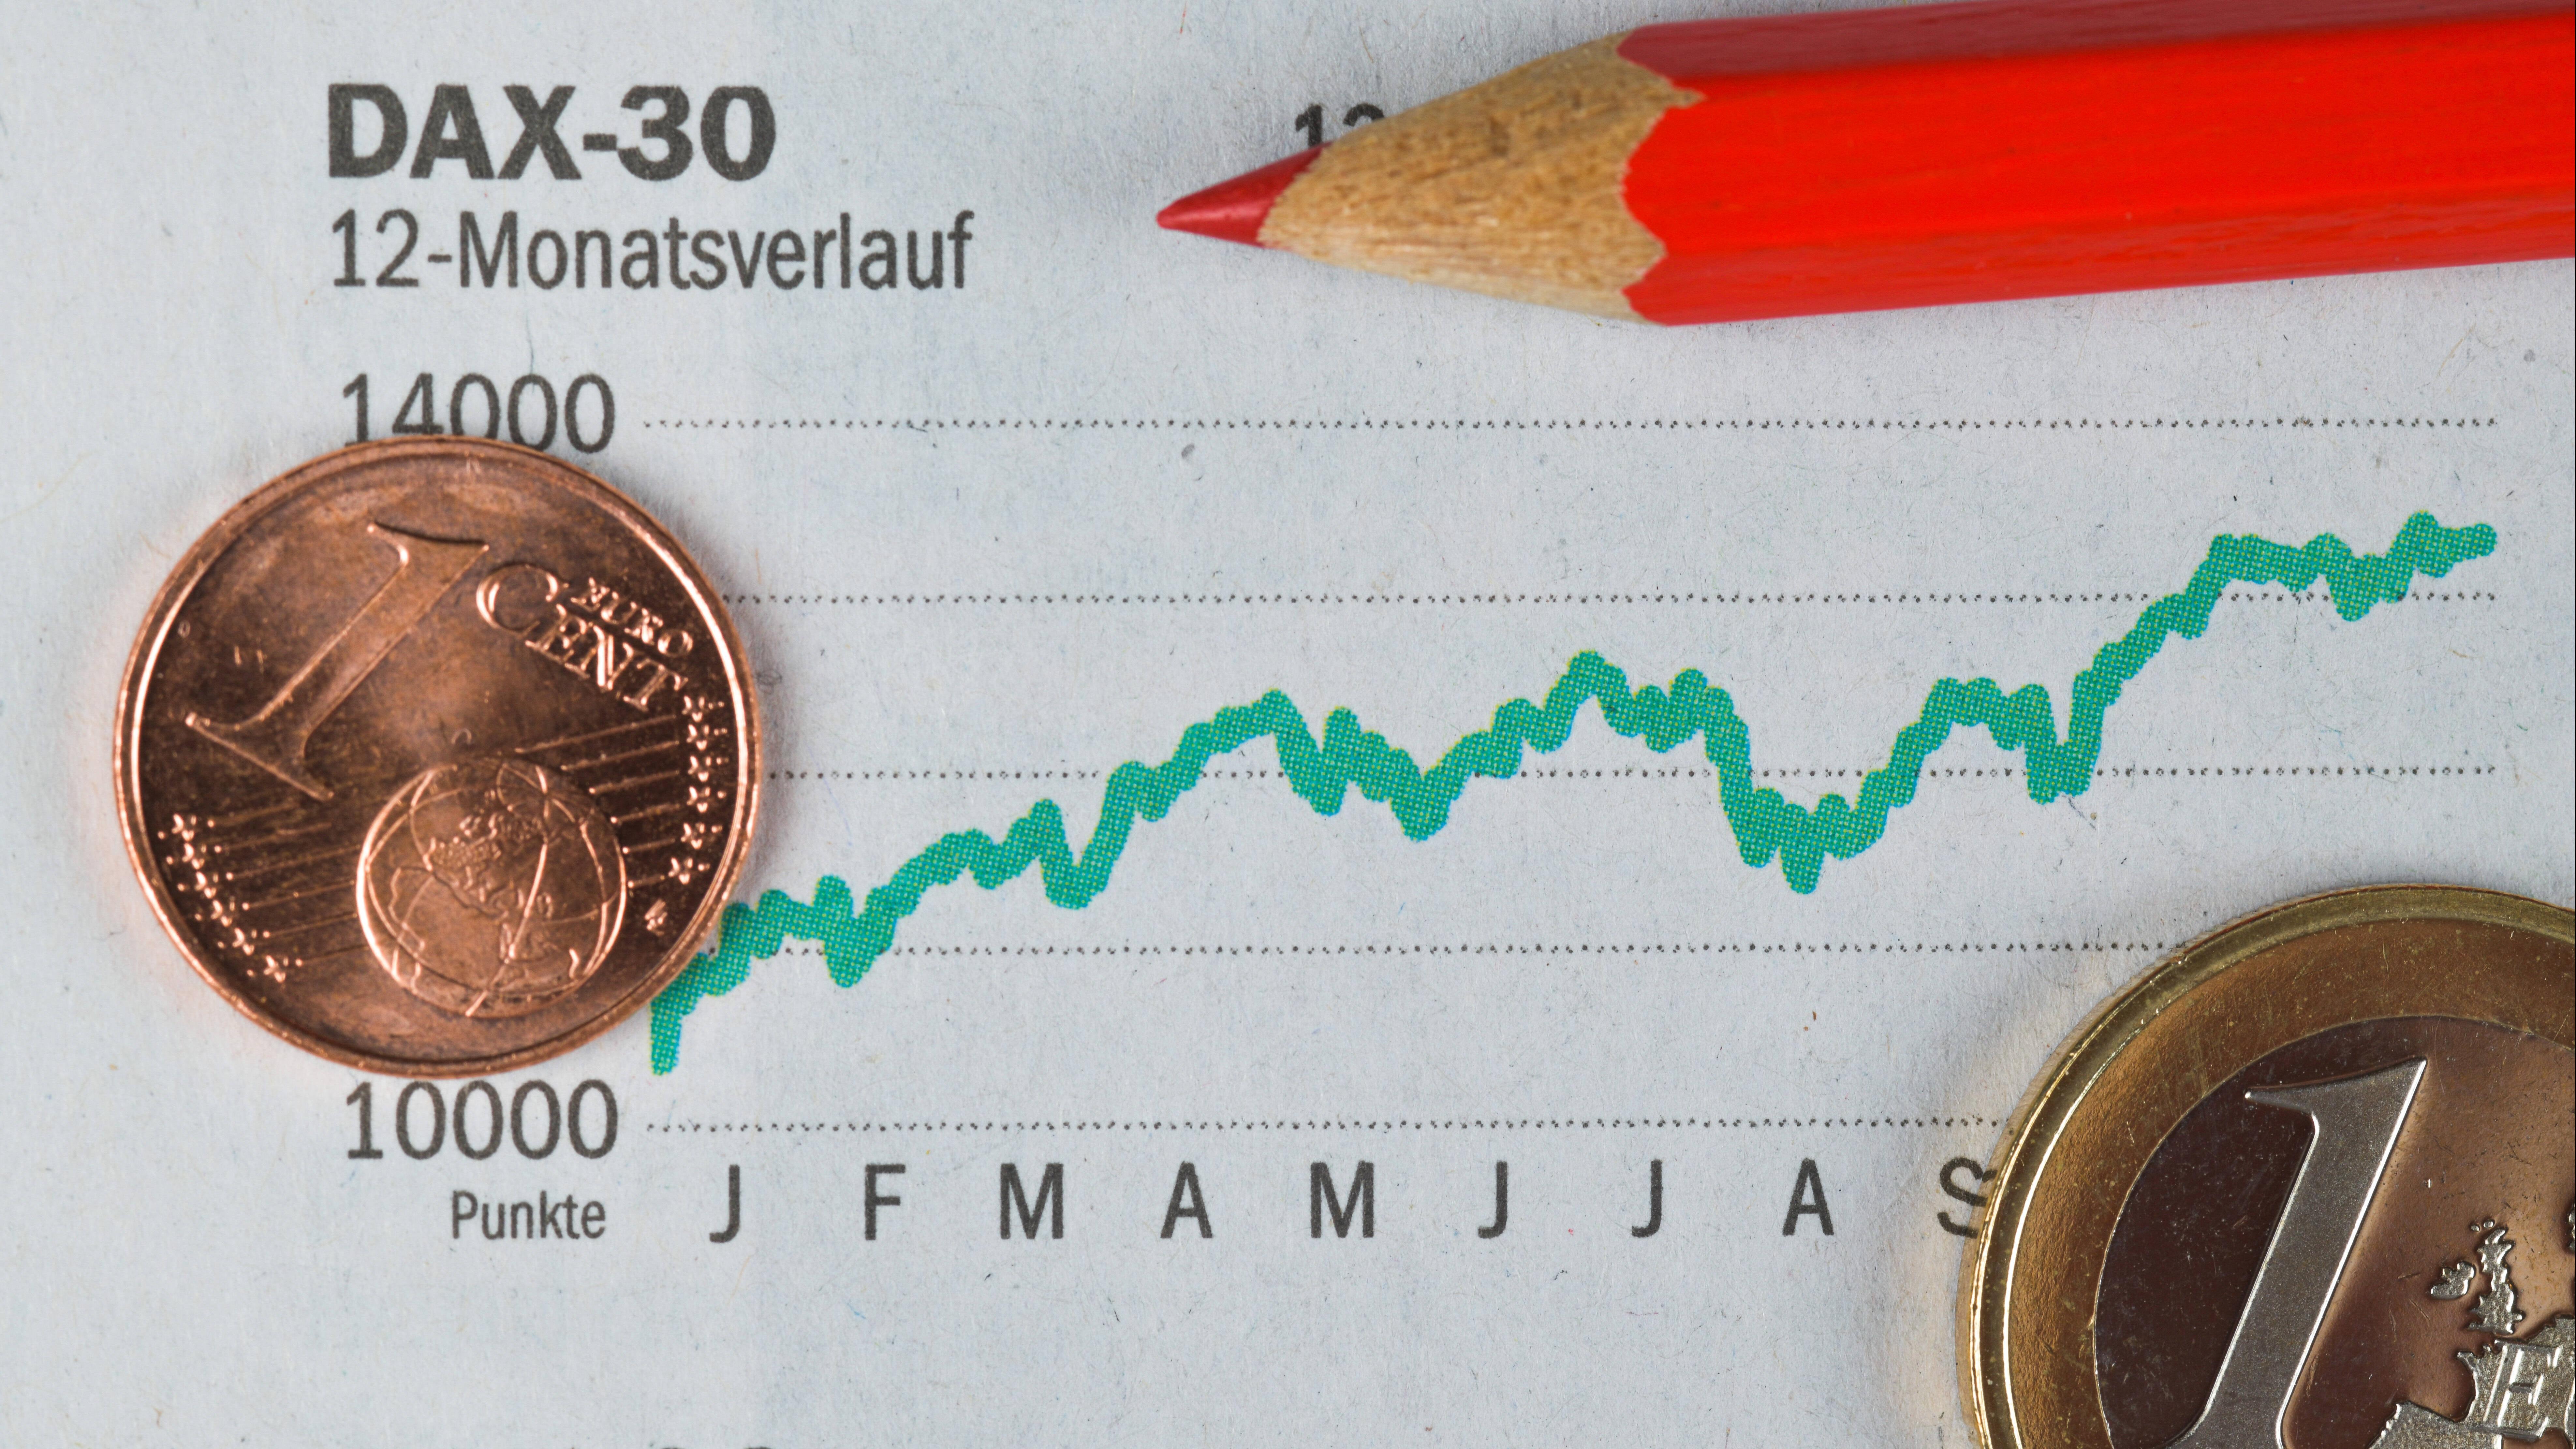 Der DAX definiert die Aktienwerte der 30 größten deutschen Aktiengesellschaften.